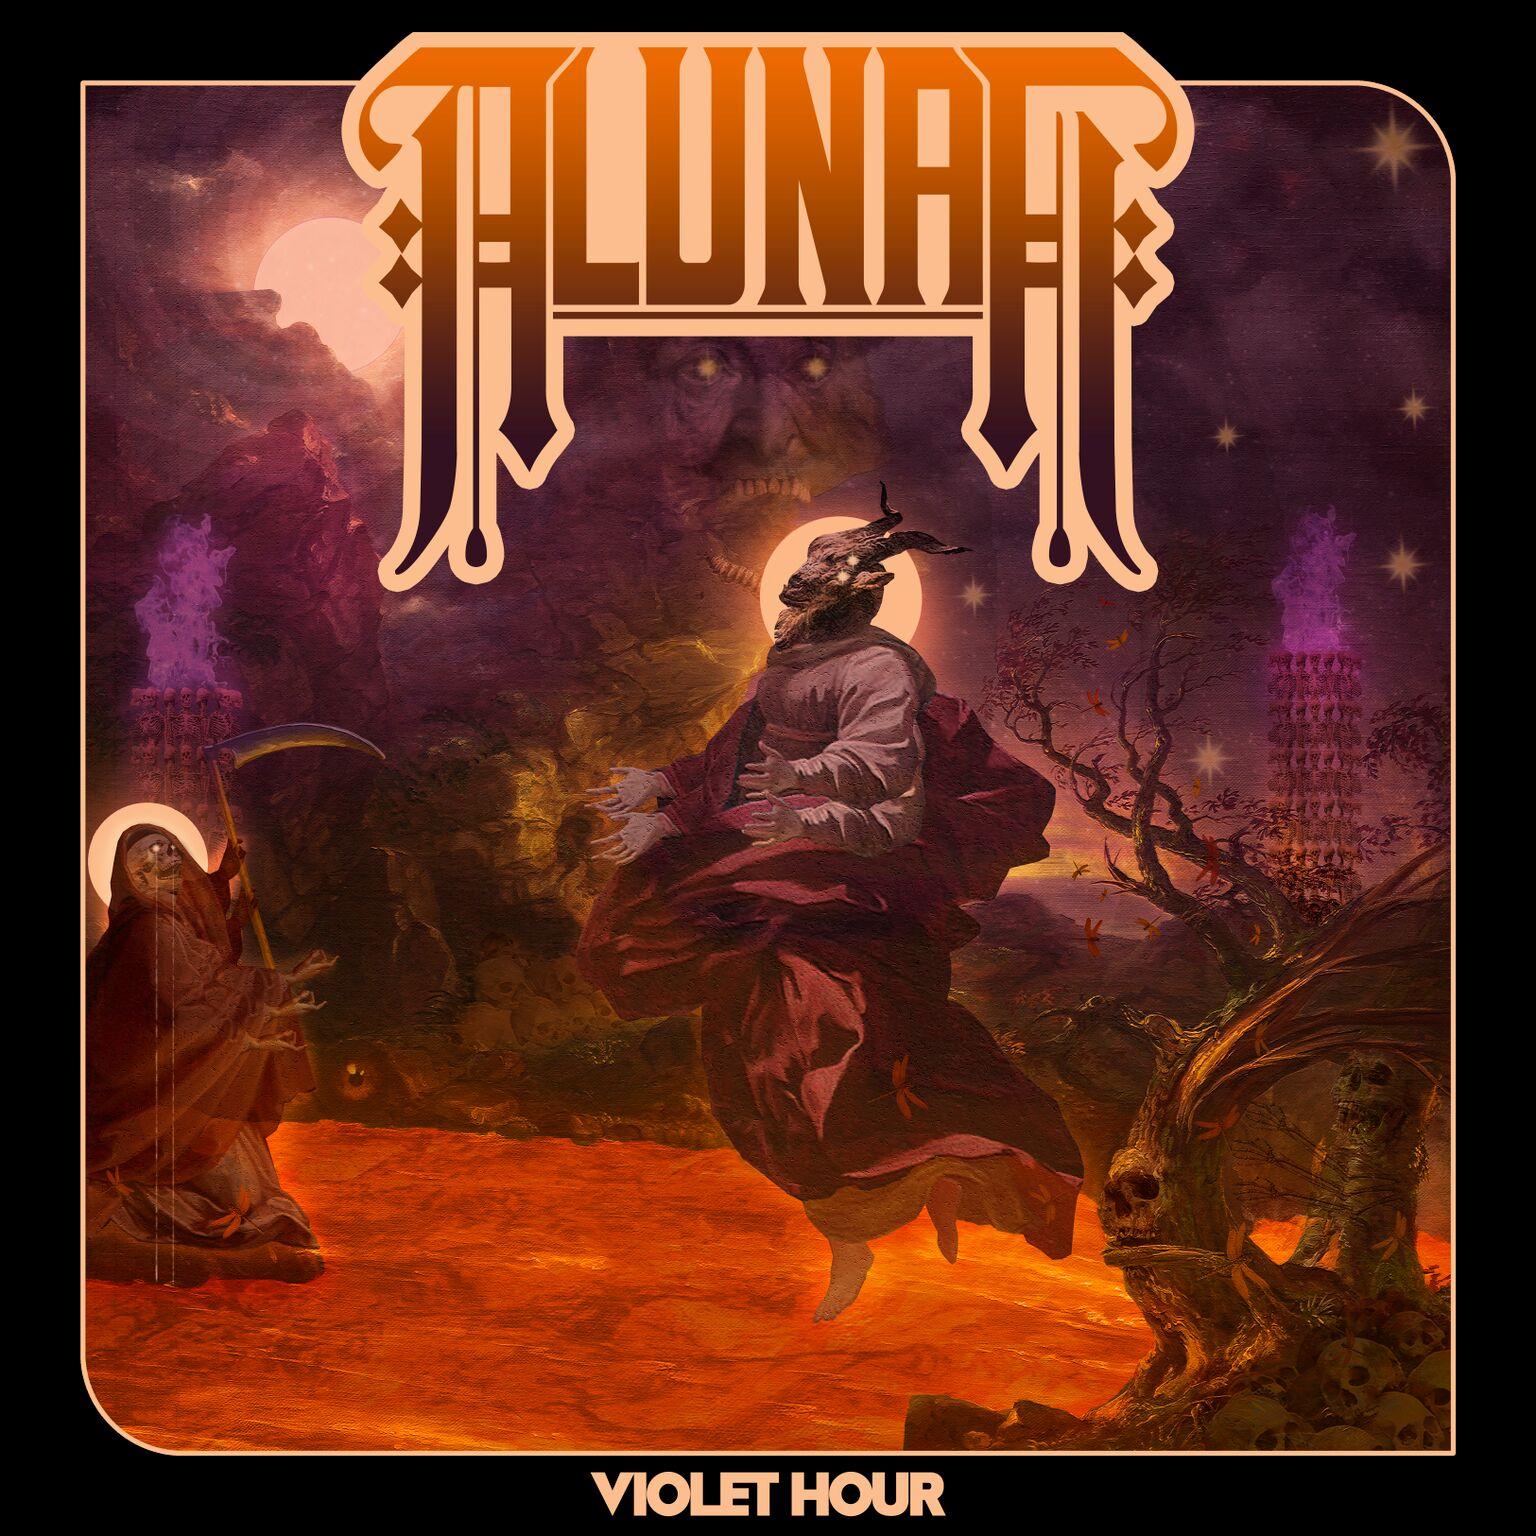 Chorreo de bandas heavy doom con chica al frente... - Página 5 Alunah-violet-hour